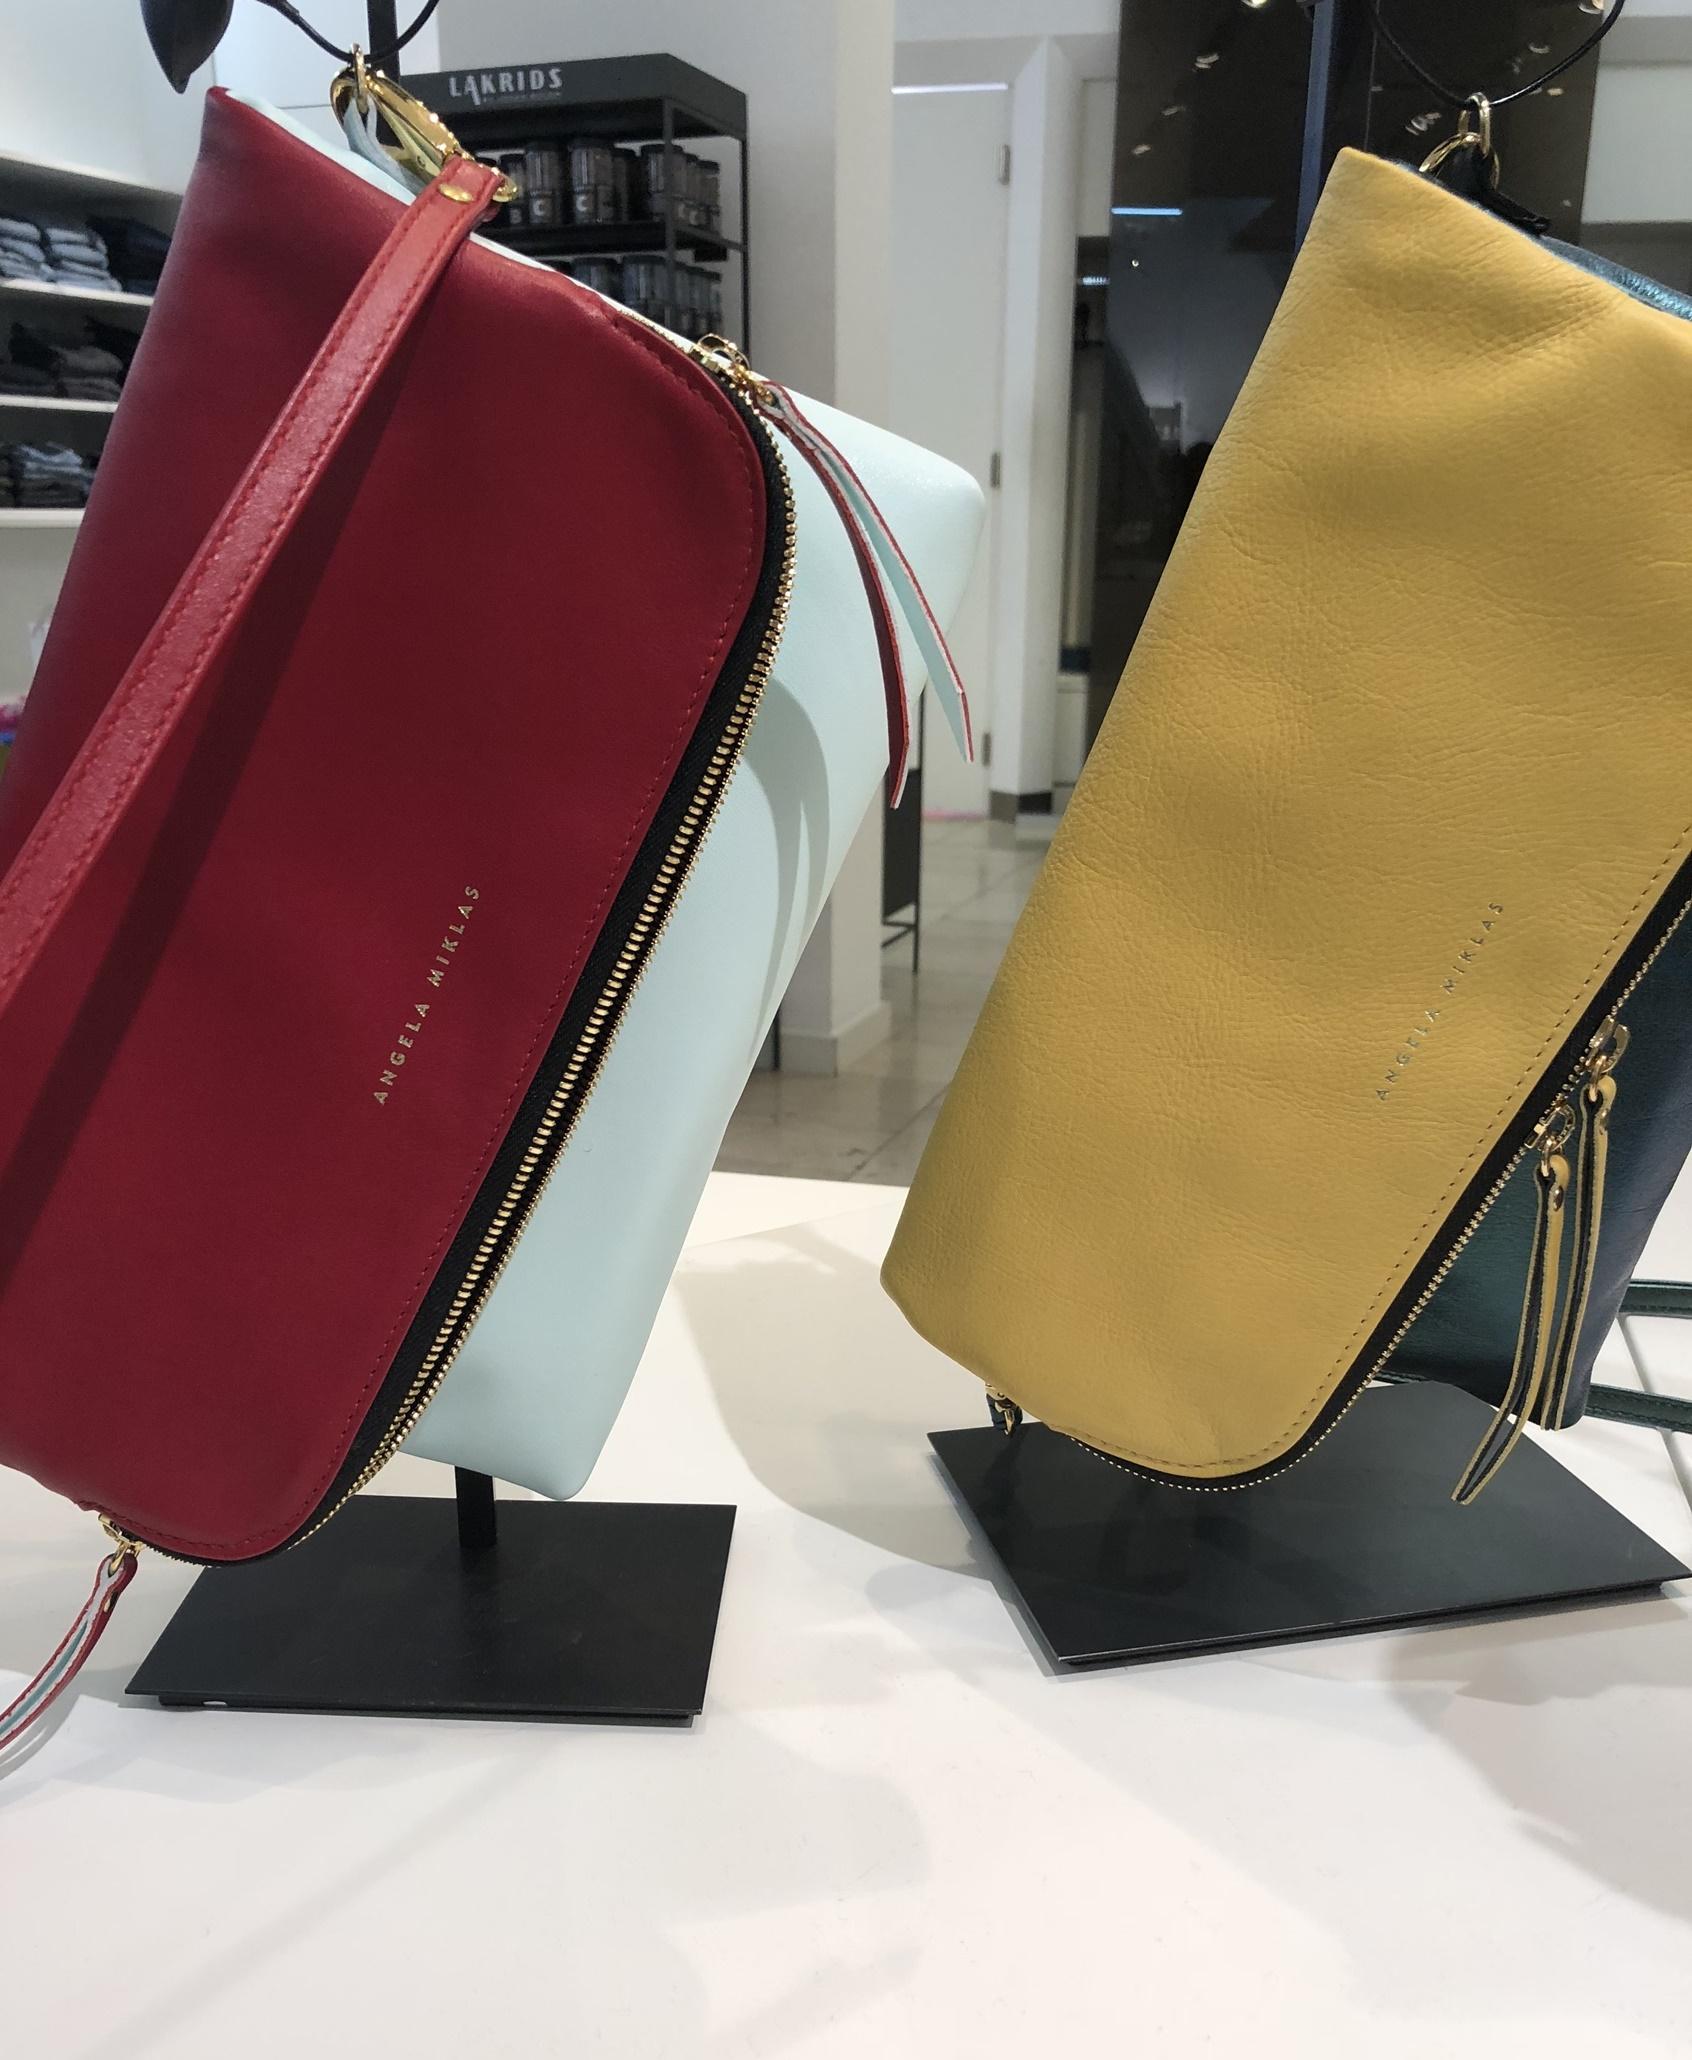 glamupyourlifestyle angela-miklas-tasche personalisierte-Tasche handmade-deutschland hochwertige-taschen ü-40-blog ü-50-blog